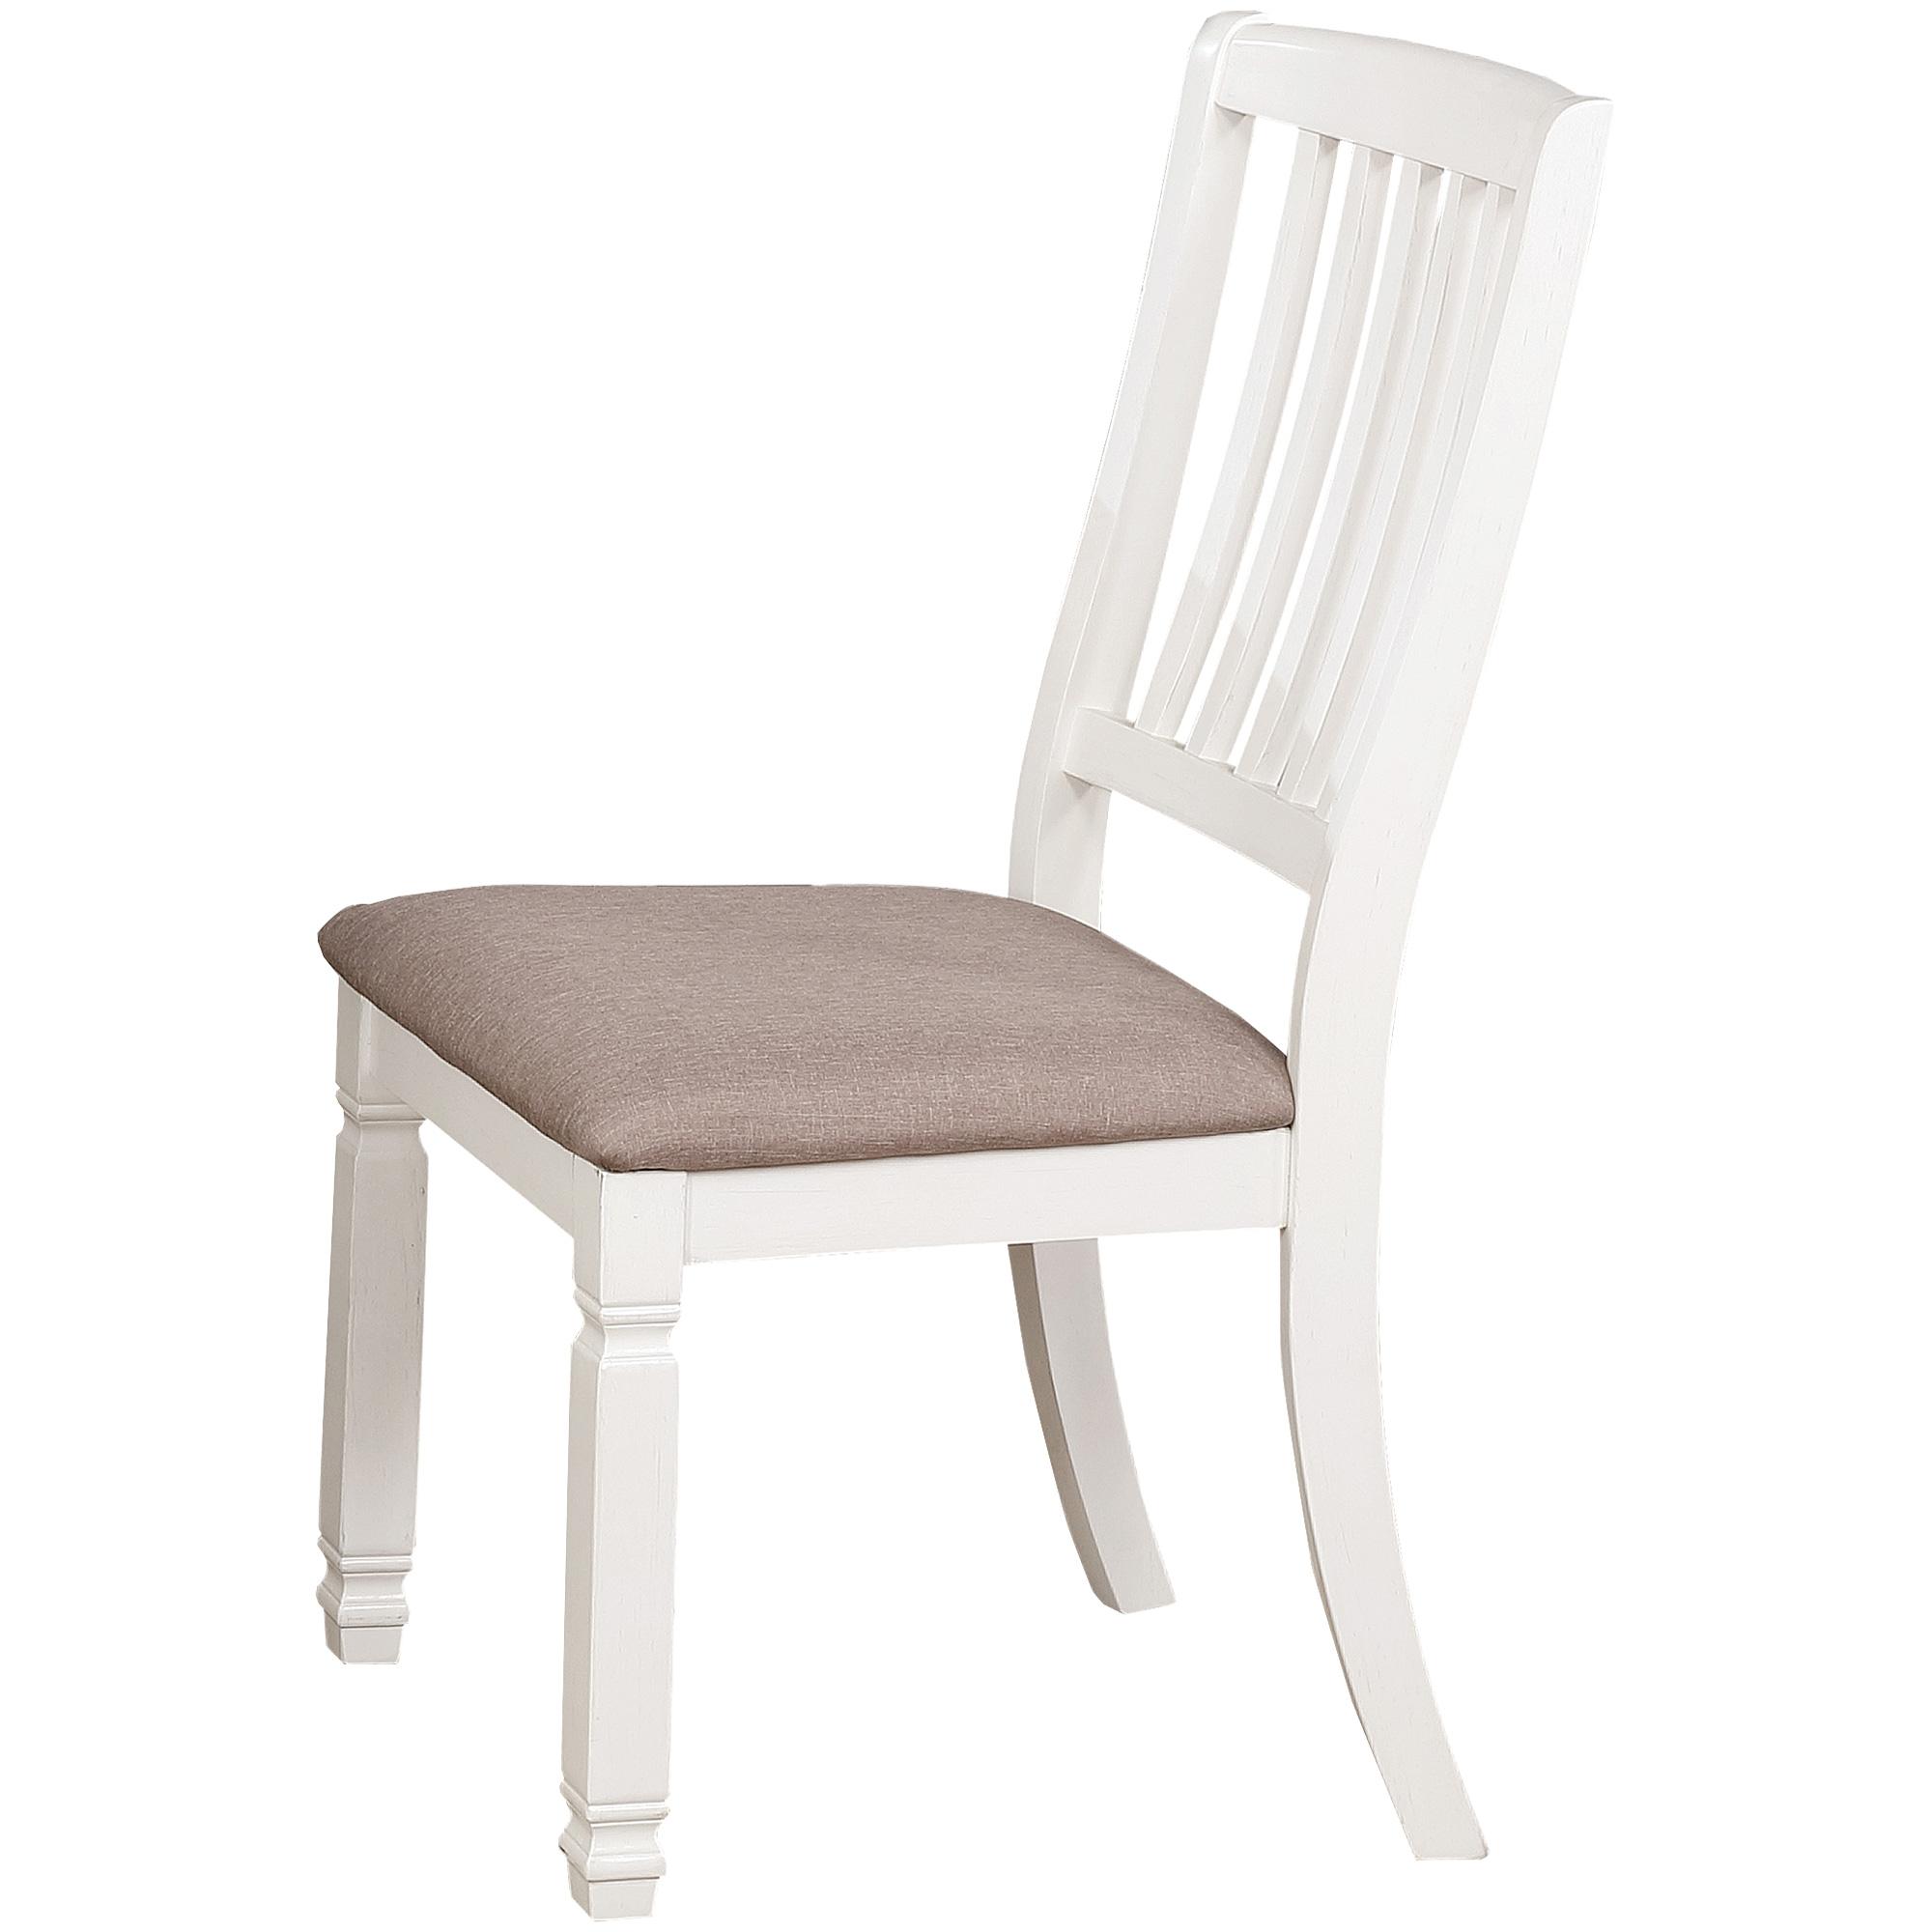 Lifestyle Enterprise | Benton Side Chair | White